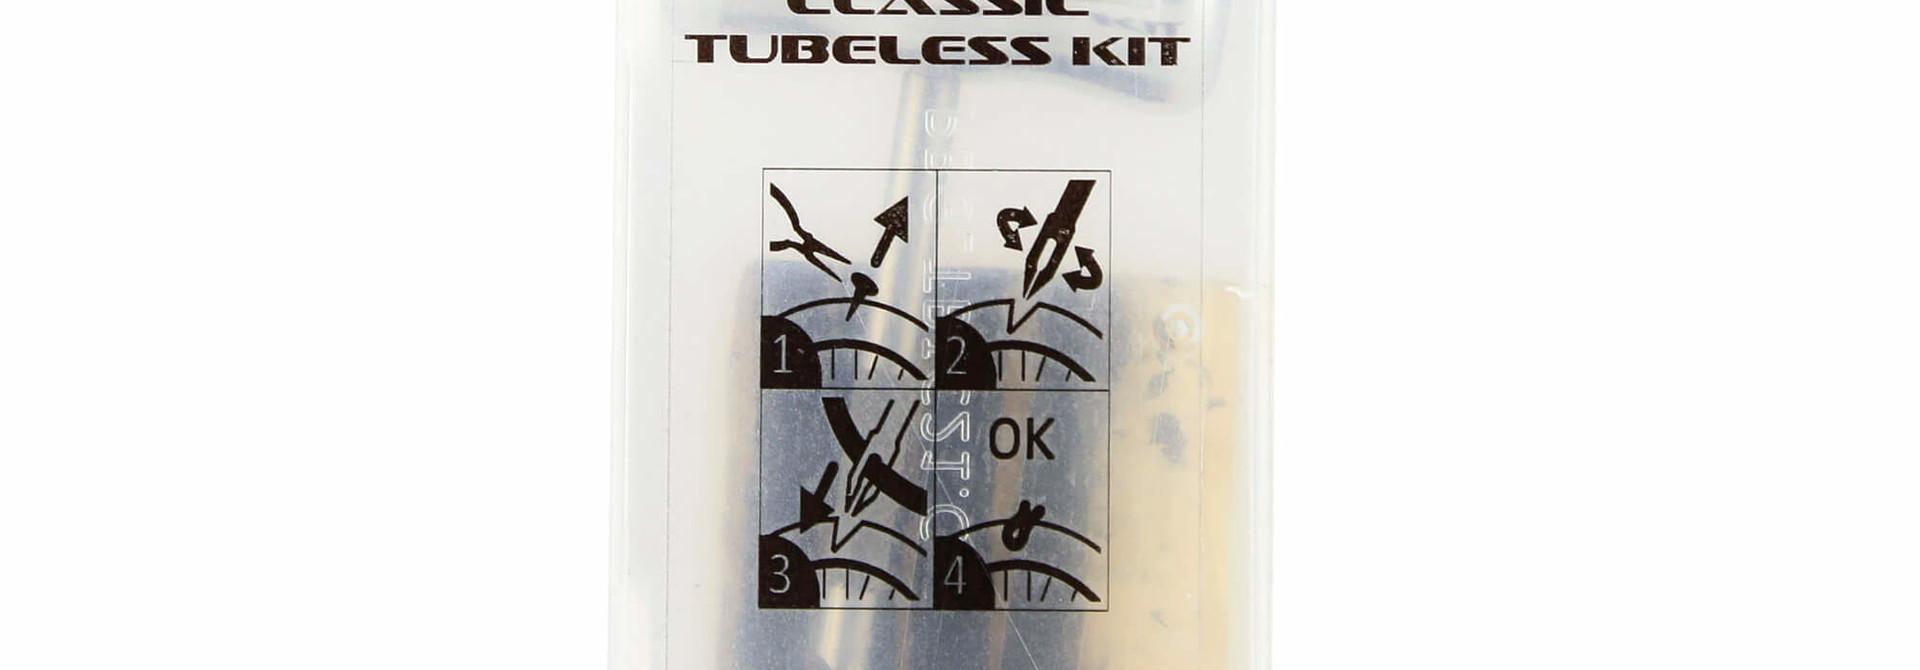 Classic Tubeless Kit